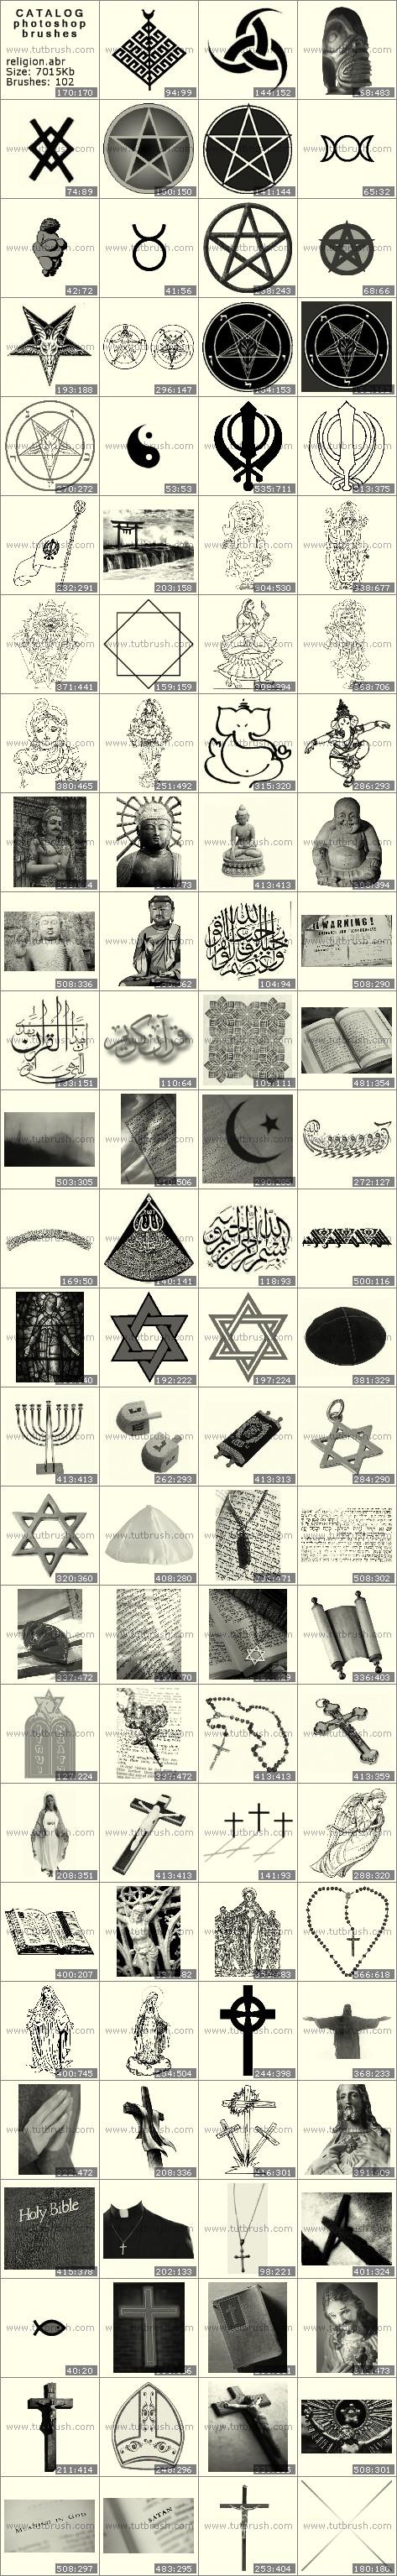 Кисти фотошоп религии мира